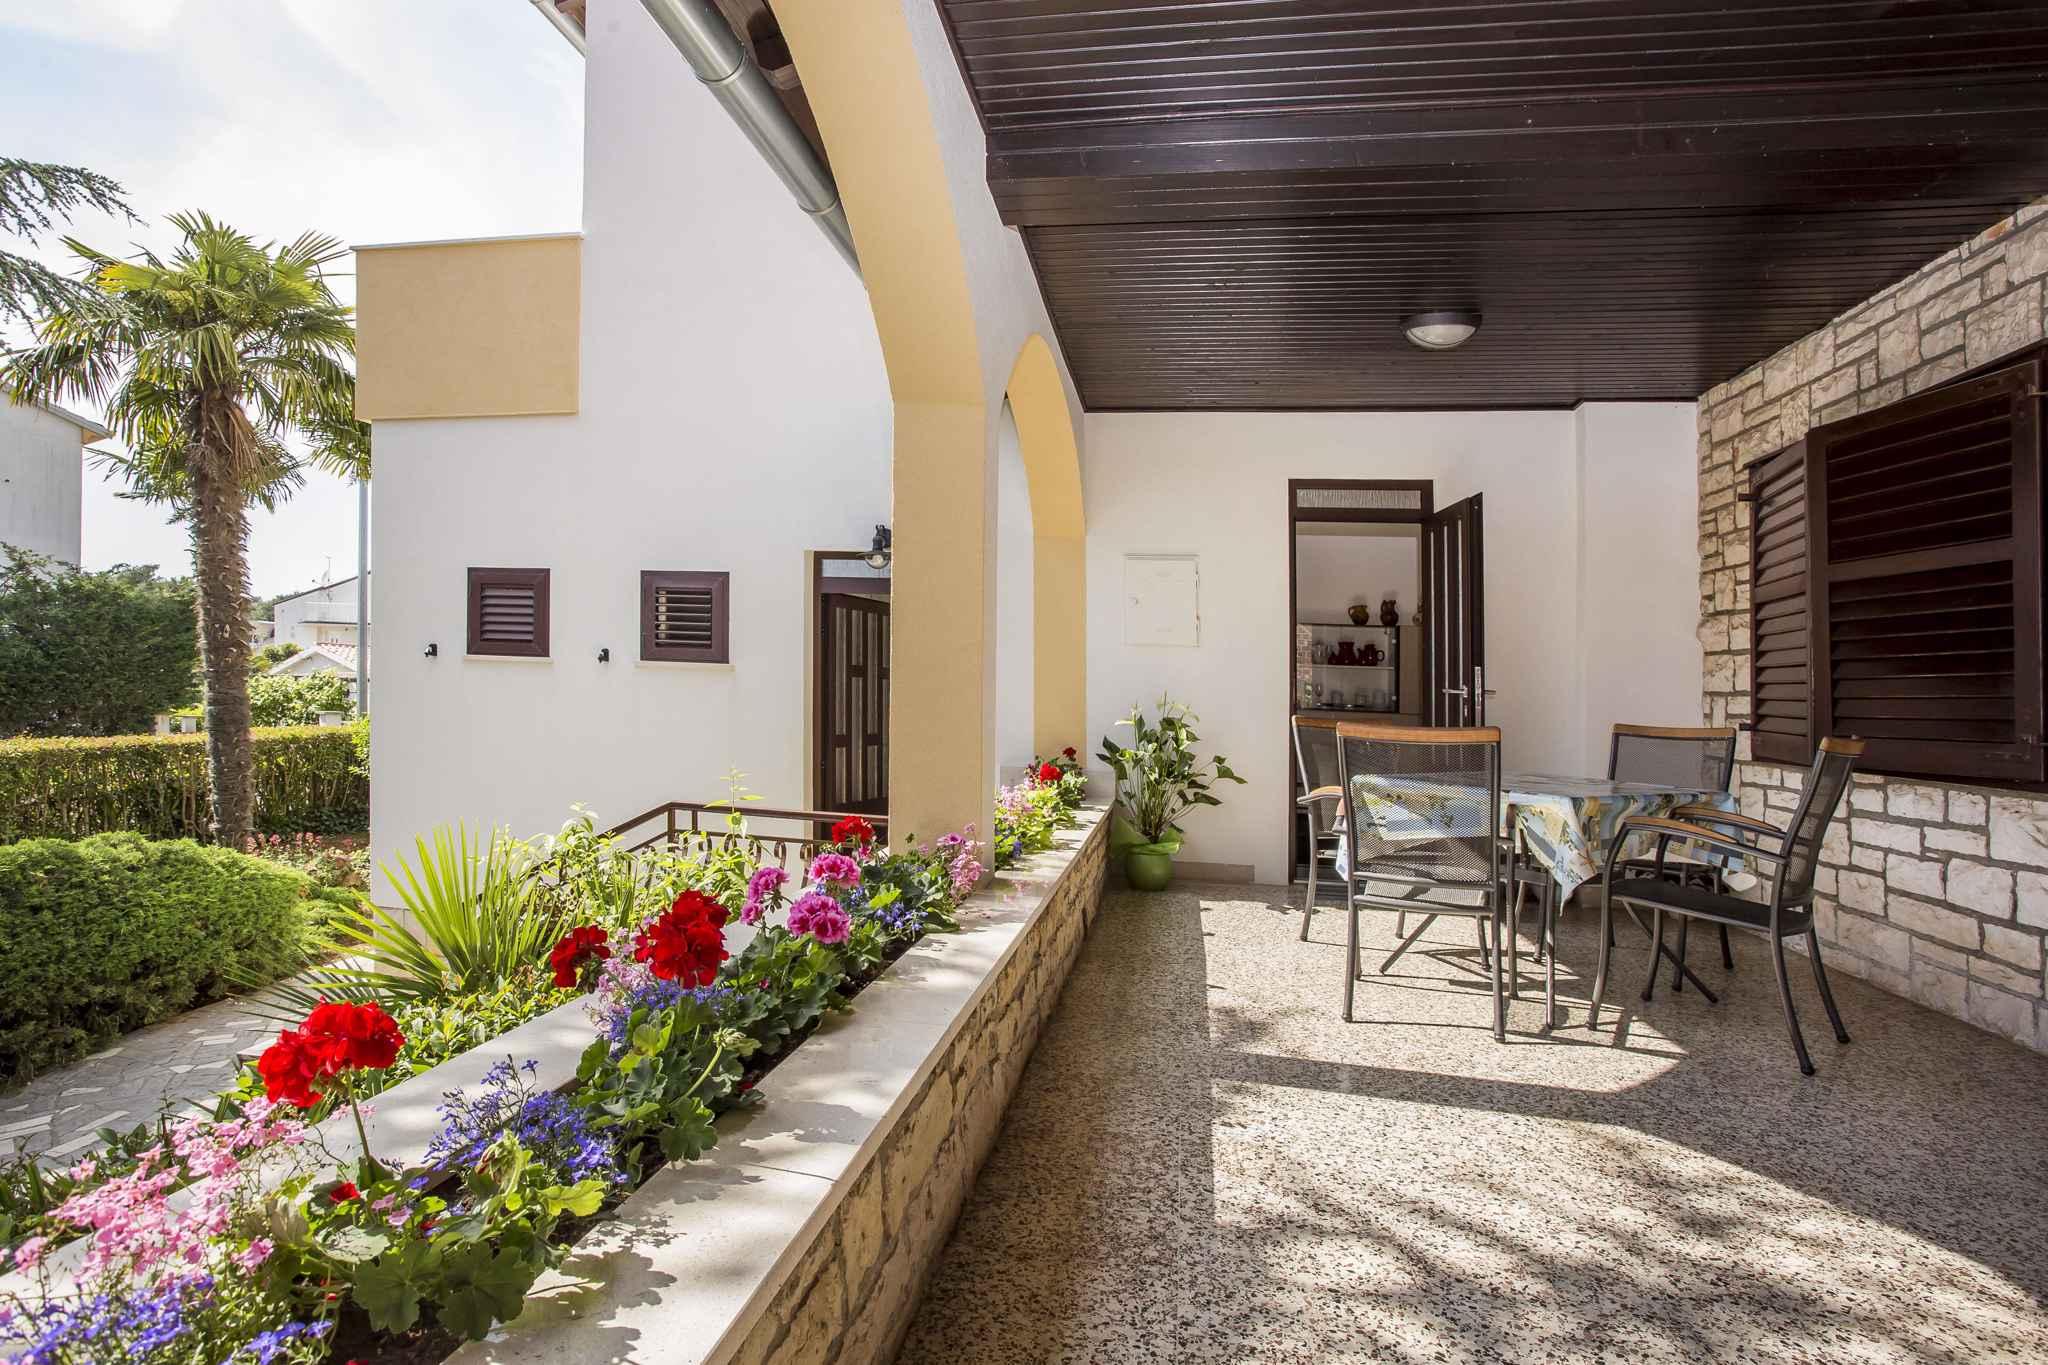 Ferienwohnung mit 2 Terrassen (281025), Rovinj, , Istrien, Kroatien, Bild 10